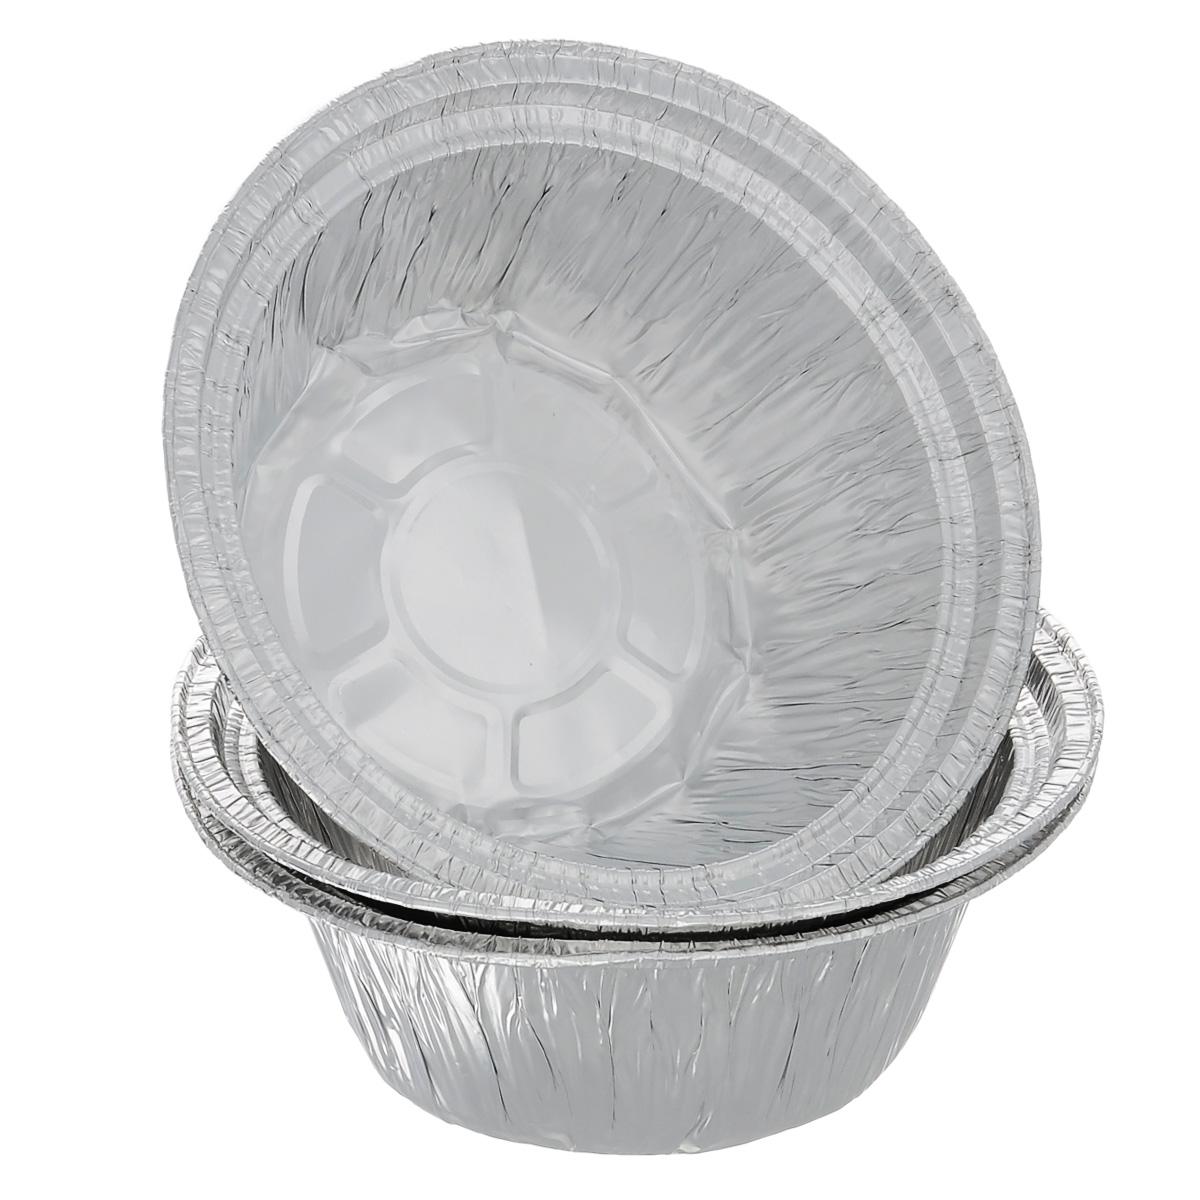 Набор форм для запекания Home Queen, диаметр 18,5 см, 3 шт391602Набор Home Queen, выполненный из алюминиевой фольги идеально подходит для кексов, пирогов. Форма обладает всеми свойствами обычной фольги для запекания: гигиеничная, легкая, прочная, теплопроводная. Также формы можно использовать для запекания, для хранения и заморозки продуктов. Диаметр формы: 18,5 см. Высота формы: 7 см.Количество форм: 3 шт.